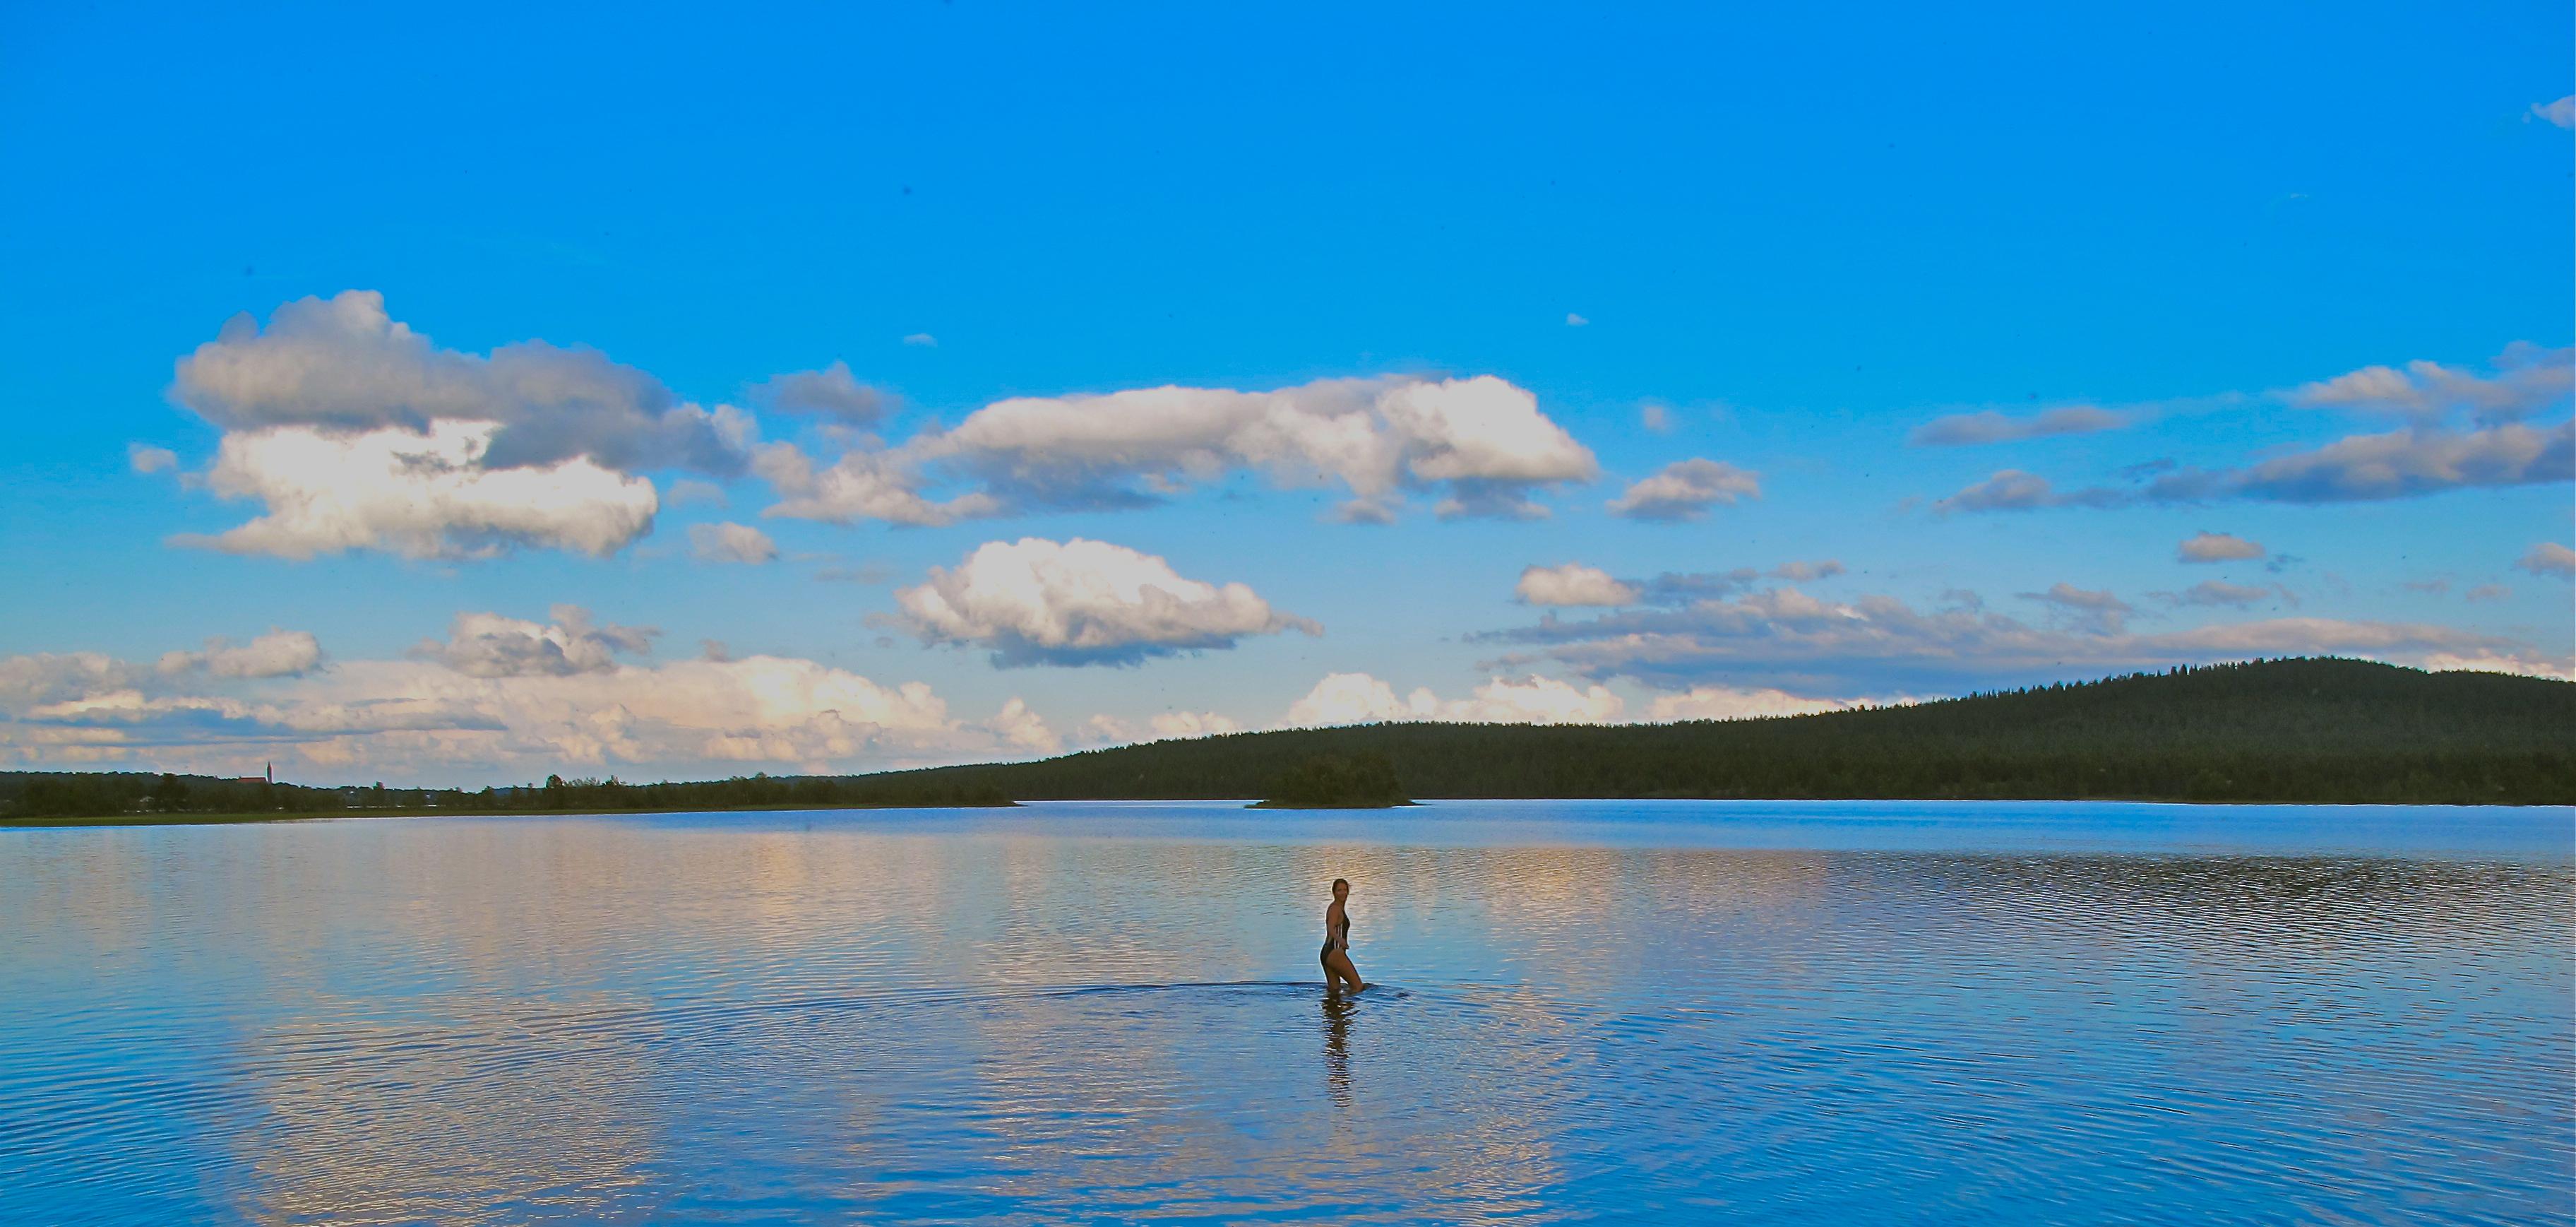 Viaje: Las 4 Laponias y Cabo Norte; Noruega, Suecia, Finlandia y Rusia Categoría: Foto con más espíritu de exploración Descripción: Corría el cuarto día de nuestro espectacular viaje. Luego de realizar una espléndida visita cultural por la ciudad de Kiruna, en la Laponia Sueca, nos dirigimos a Enontekio en el norte de Finlandia. Maravillados por los paisajes cargados de variados verdes e innumerables lagos, cuando creíamos que las cosas ya no podían ir mejor, nos encontramos de cara al lago que lleva el mismo nombre que la ciudad que lo acoge. Realizamos una excursión en canoa por sus tranquilas aguas al atardecer. Al finalizar el paseo, y para cerrar el día con broche de oro, animosamente me sumergí en el lago y me largue a nadar para recargarme de energía pensando además en el sauna que me esperaba al llegar a las cabañas.